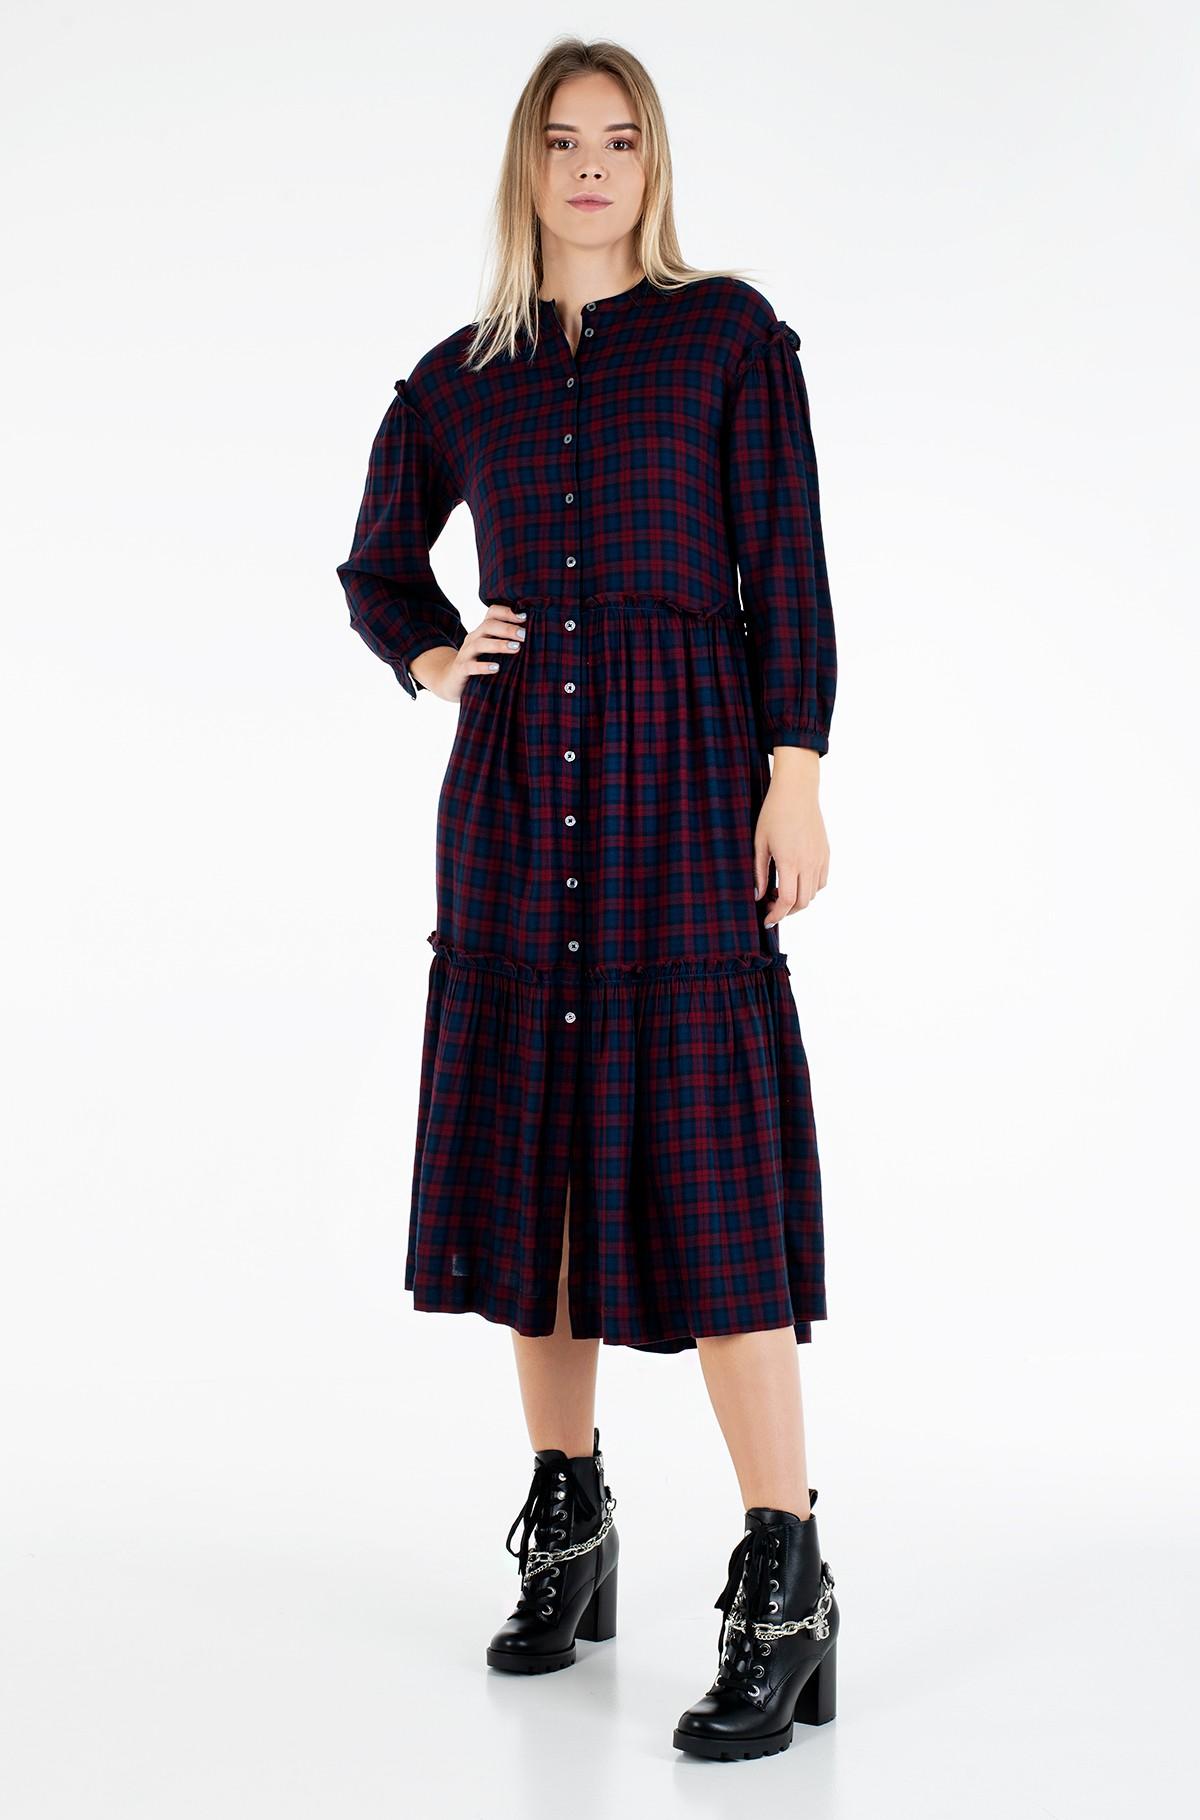 Suknelė BEA TARTAN SHIRT DRESS 3/4 SLV-full-2